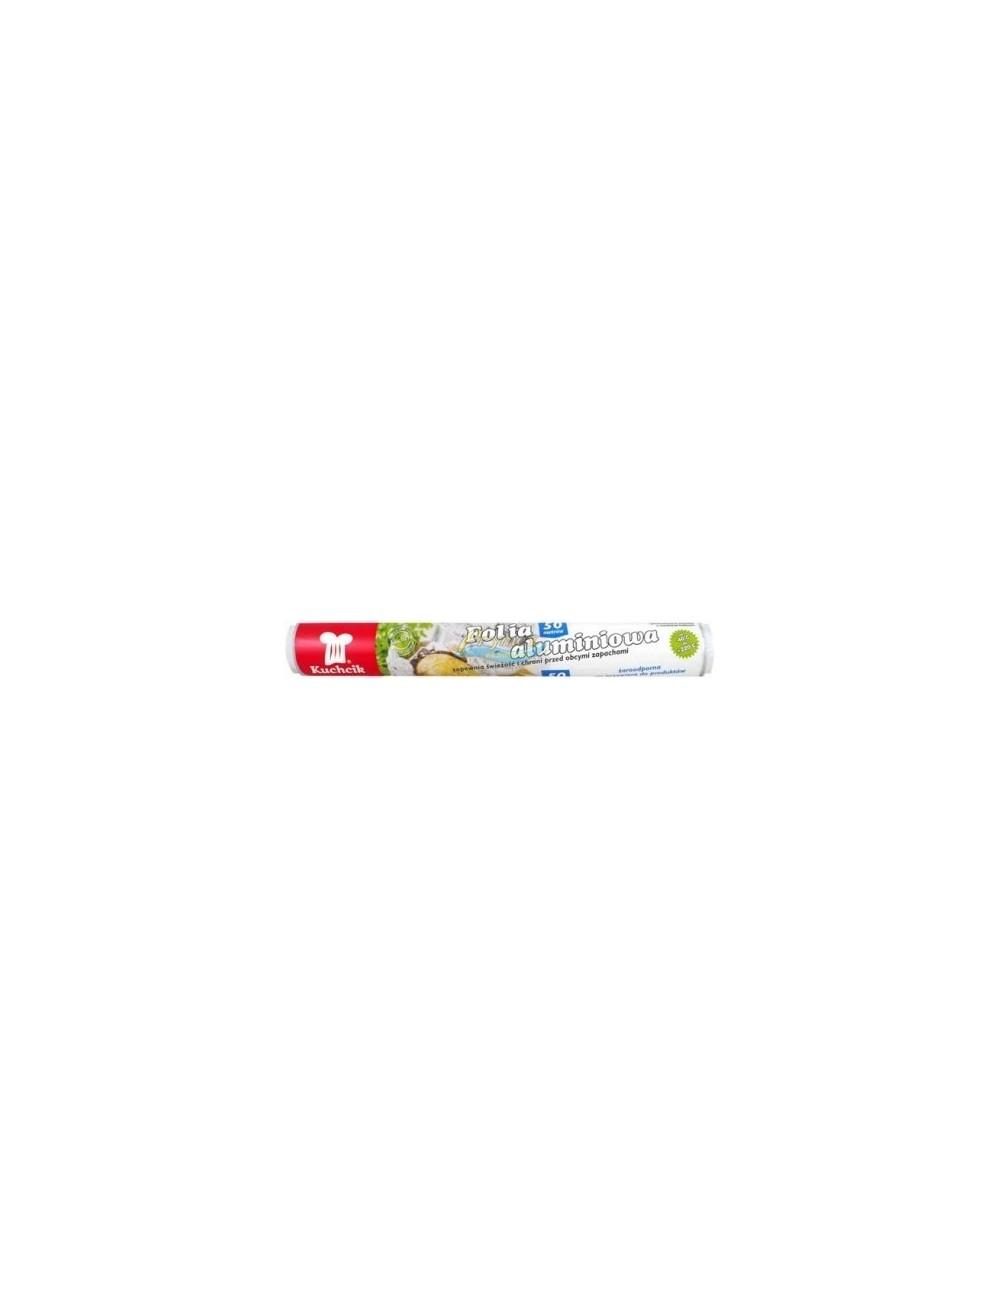 Folia Aluminiowa do Pieczenia i Pakowania Żaroodporna Nieprzywierająca (50 metrów) Kuchcik 1 rolka